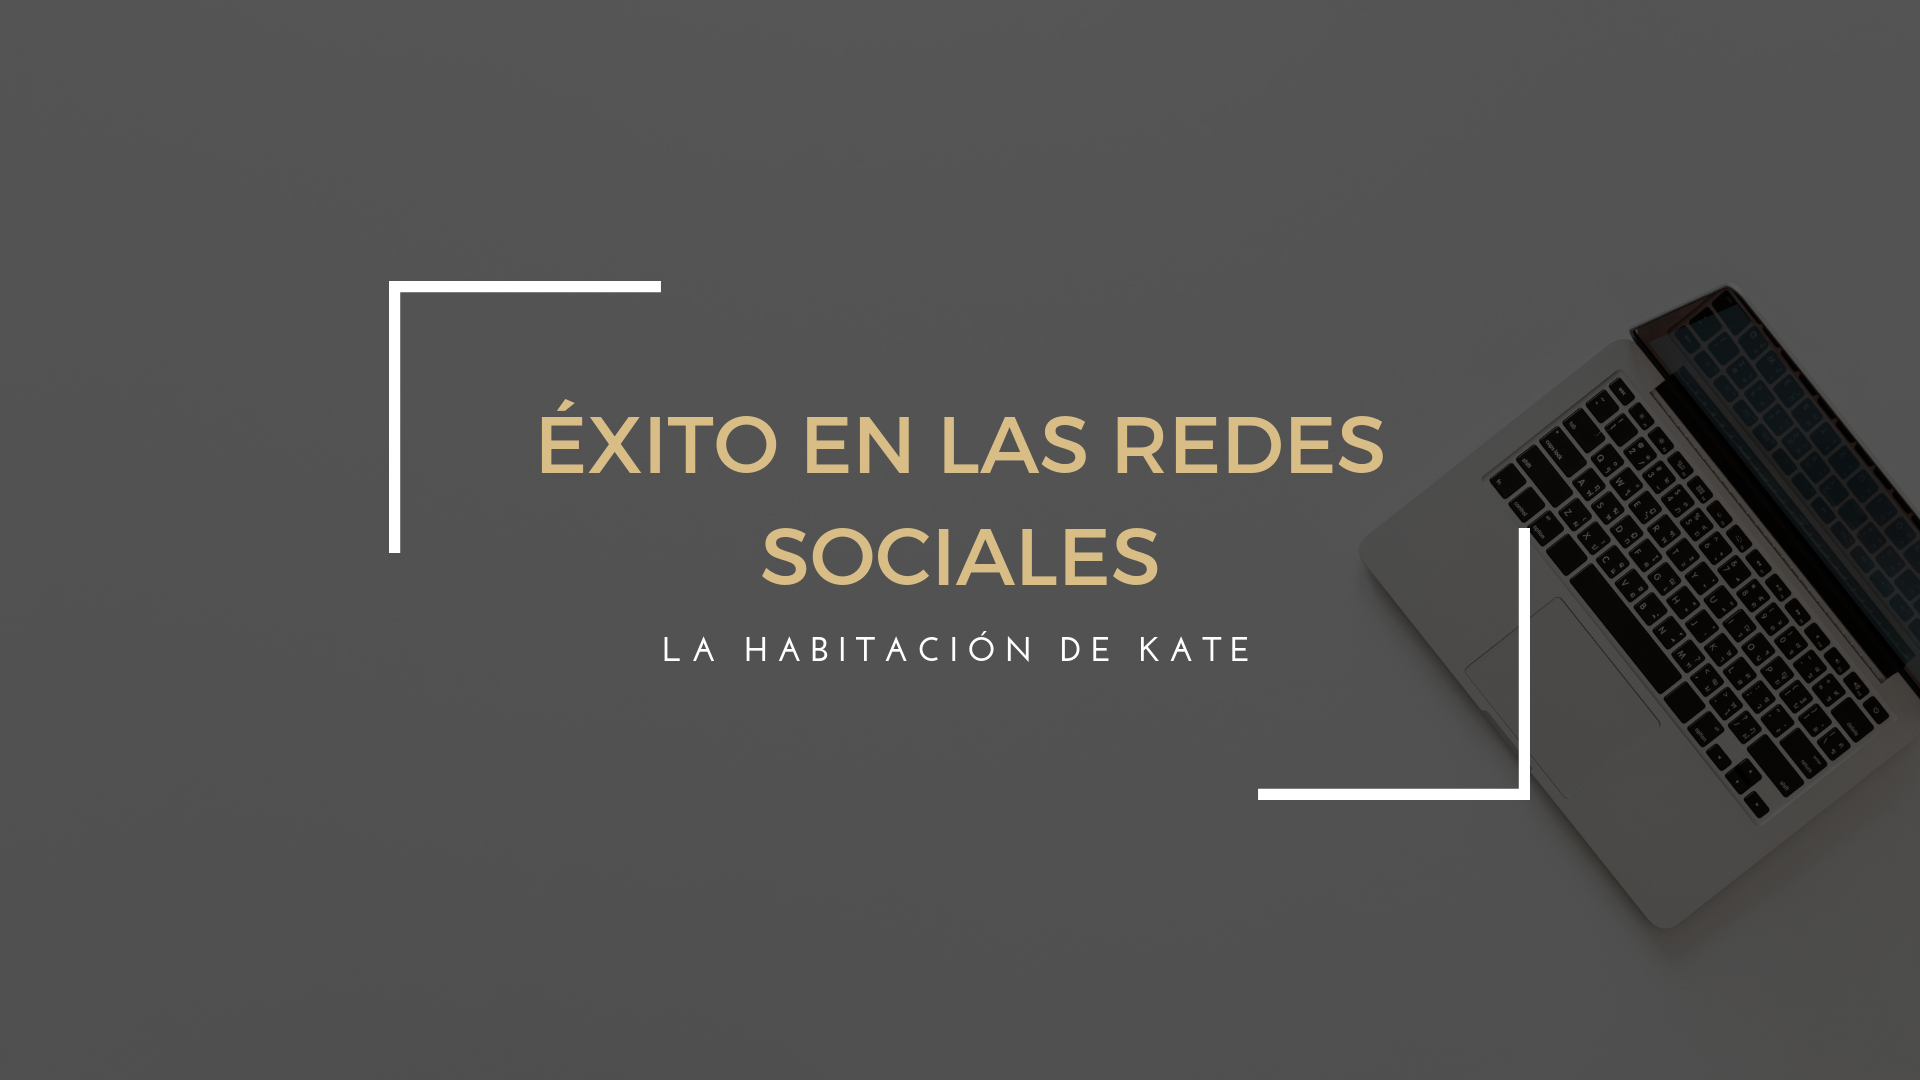 La Habitación de Kate: éxito en las Redes